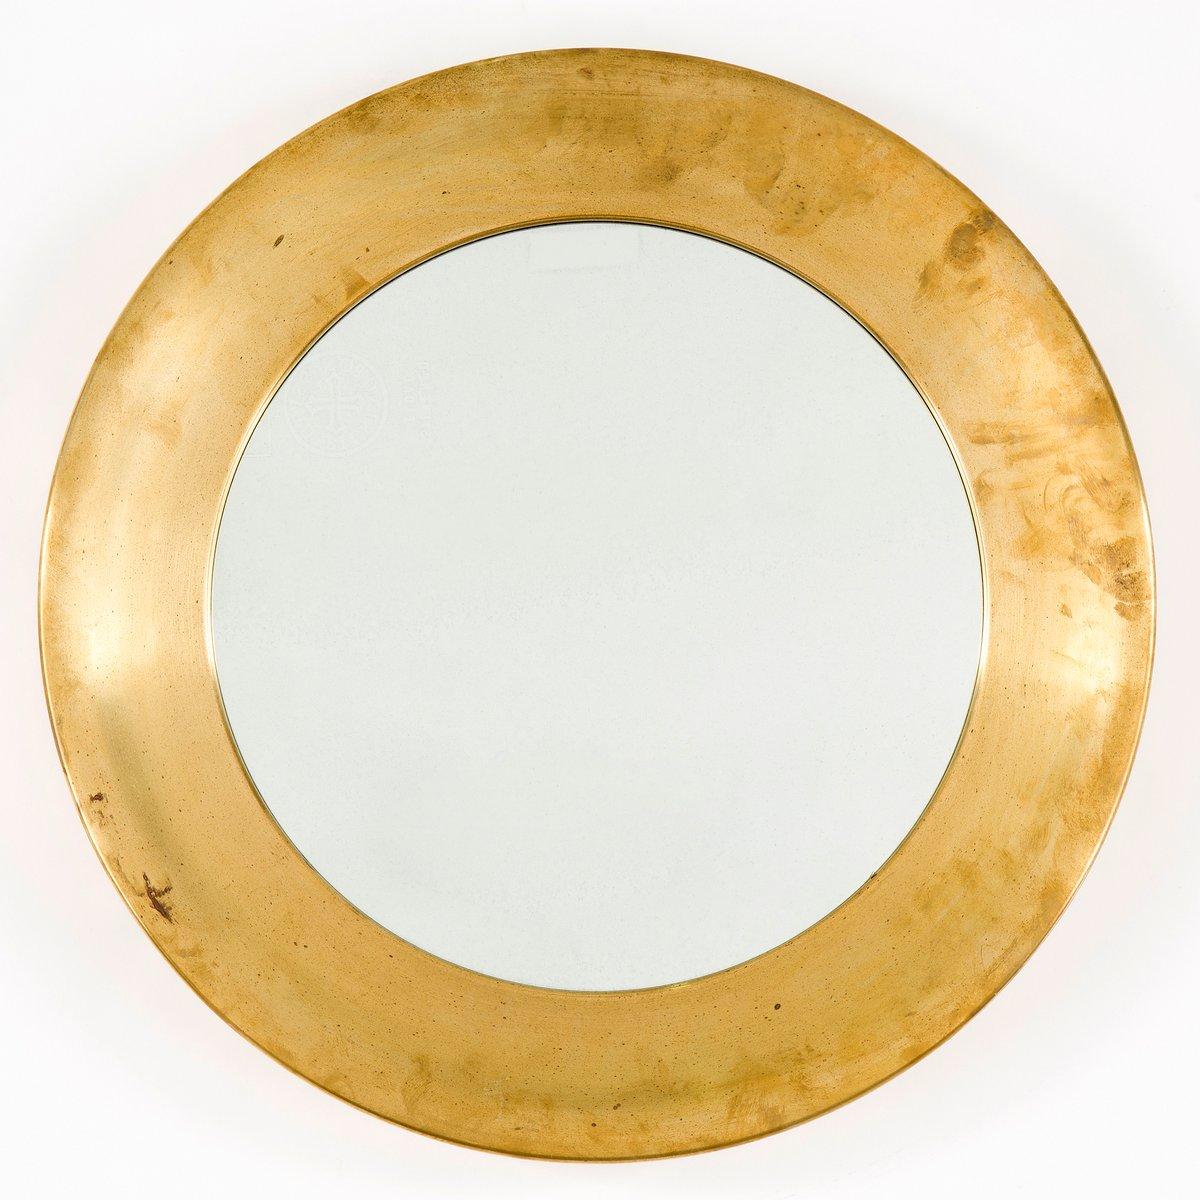 Mid century spiegel mit messingrahmen von markaryd bei for Spiegel mit messingrahmen